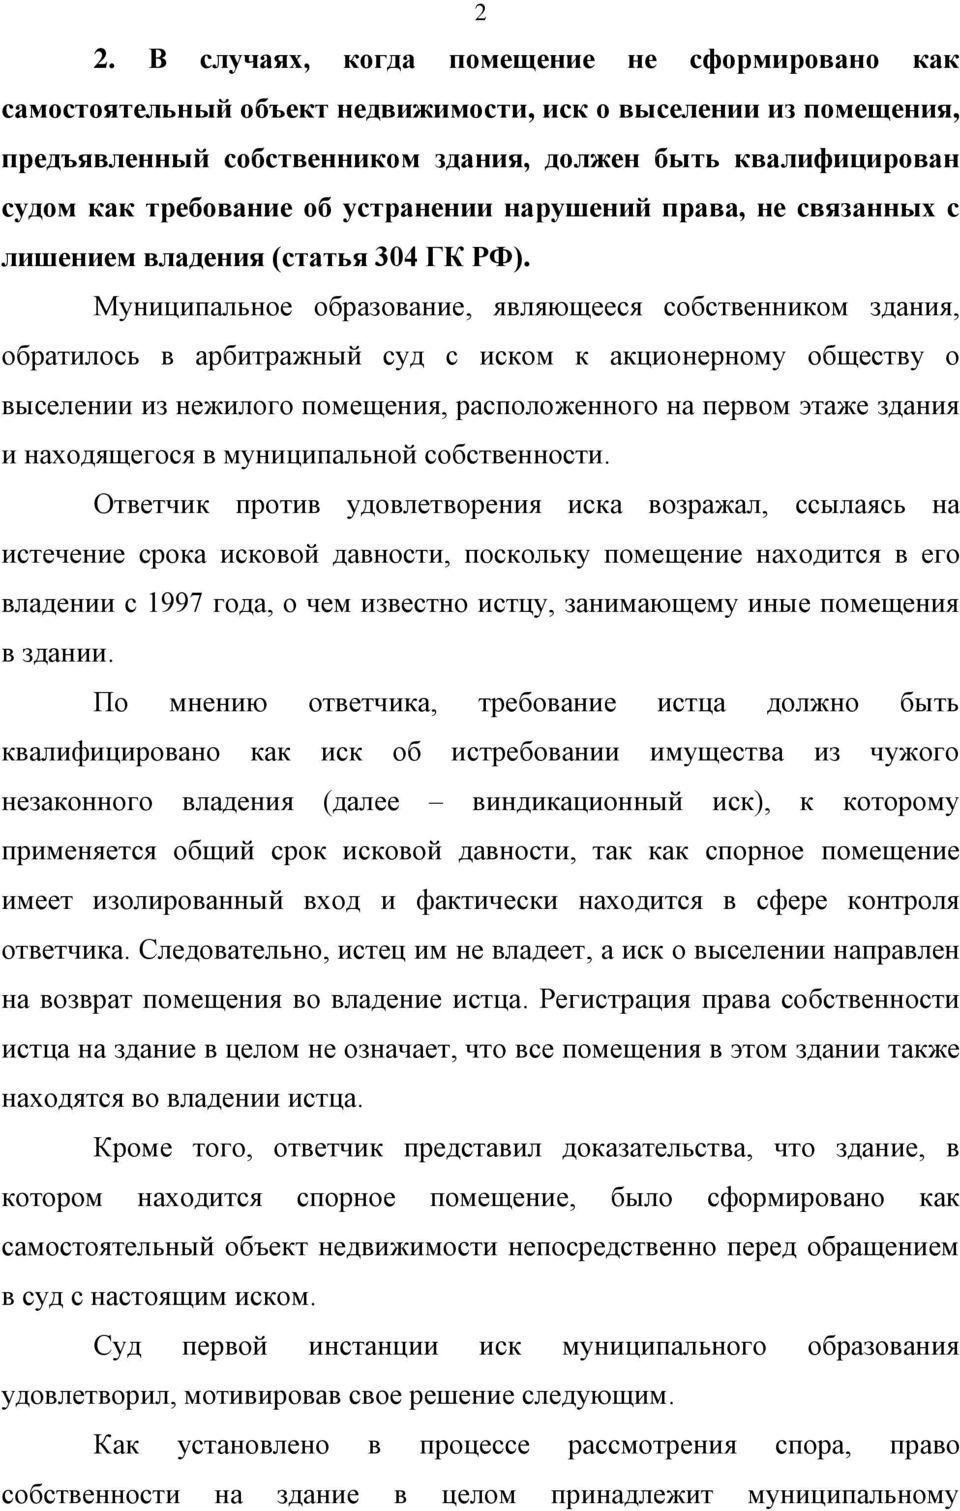 Применение статьи 304 гк рф